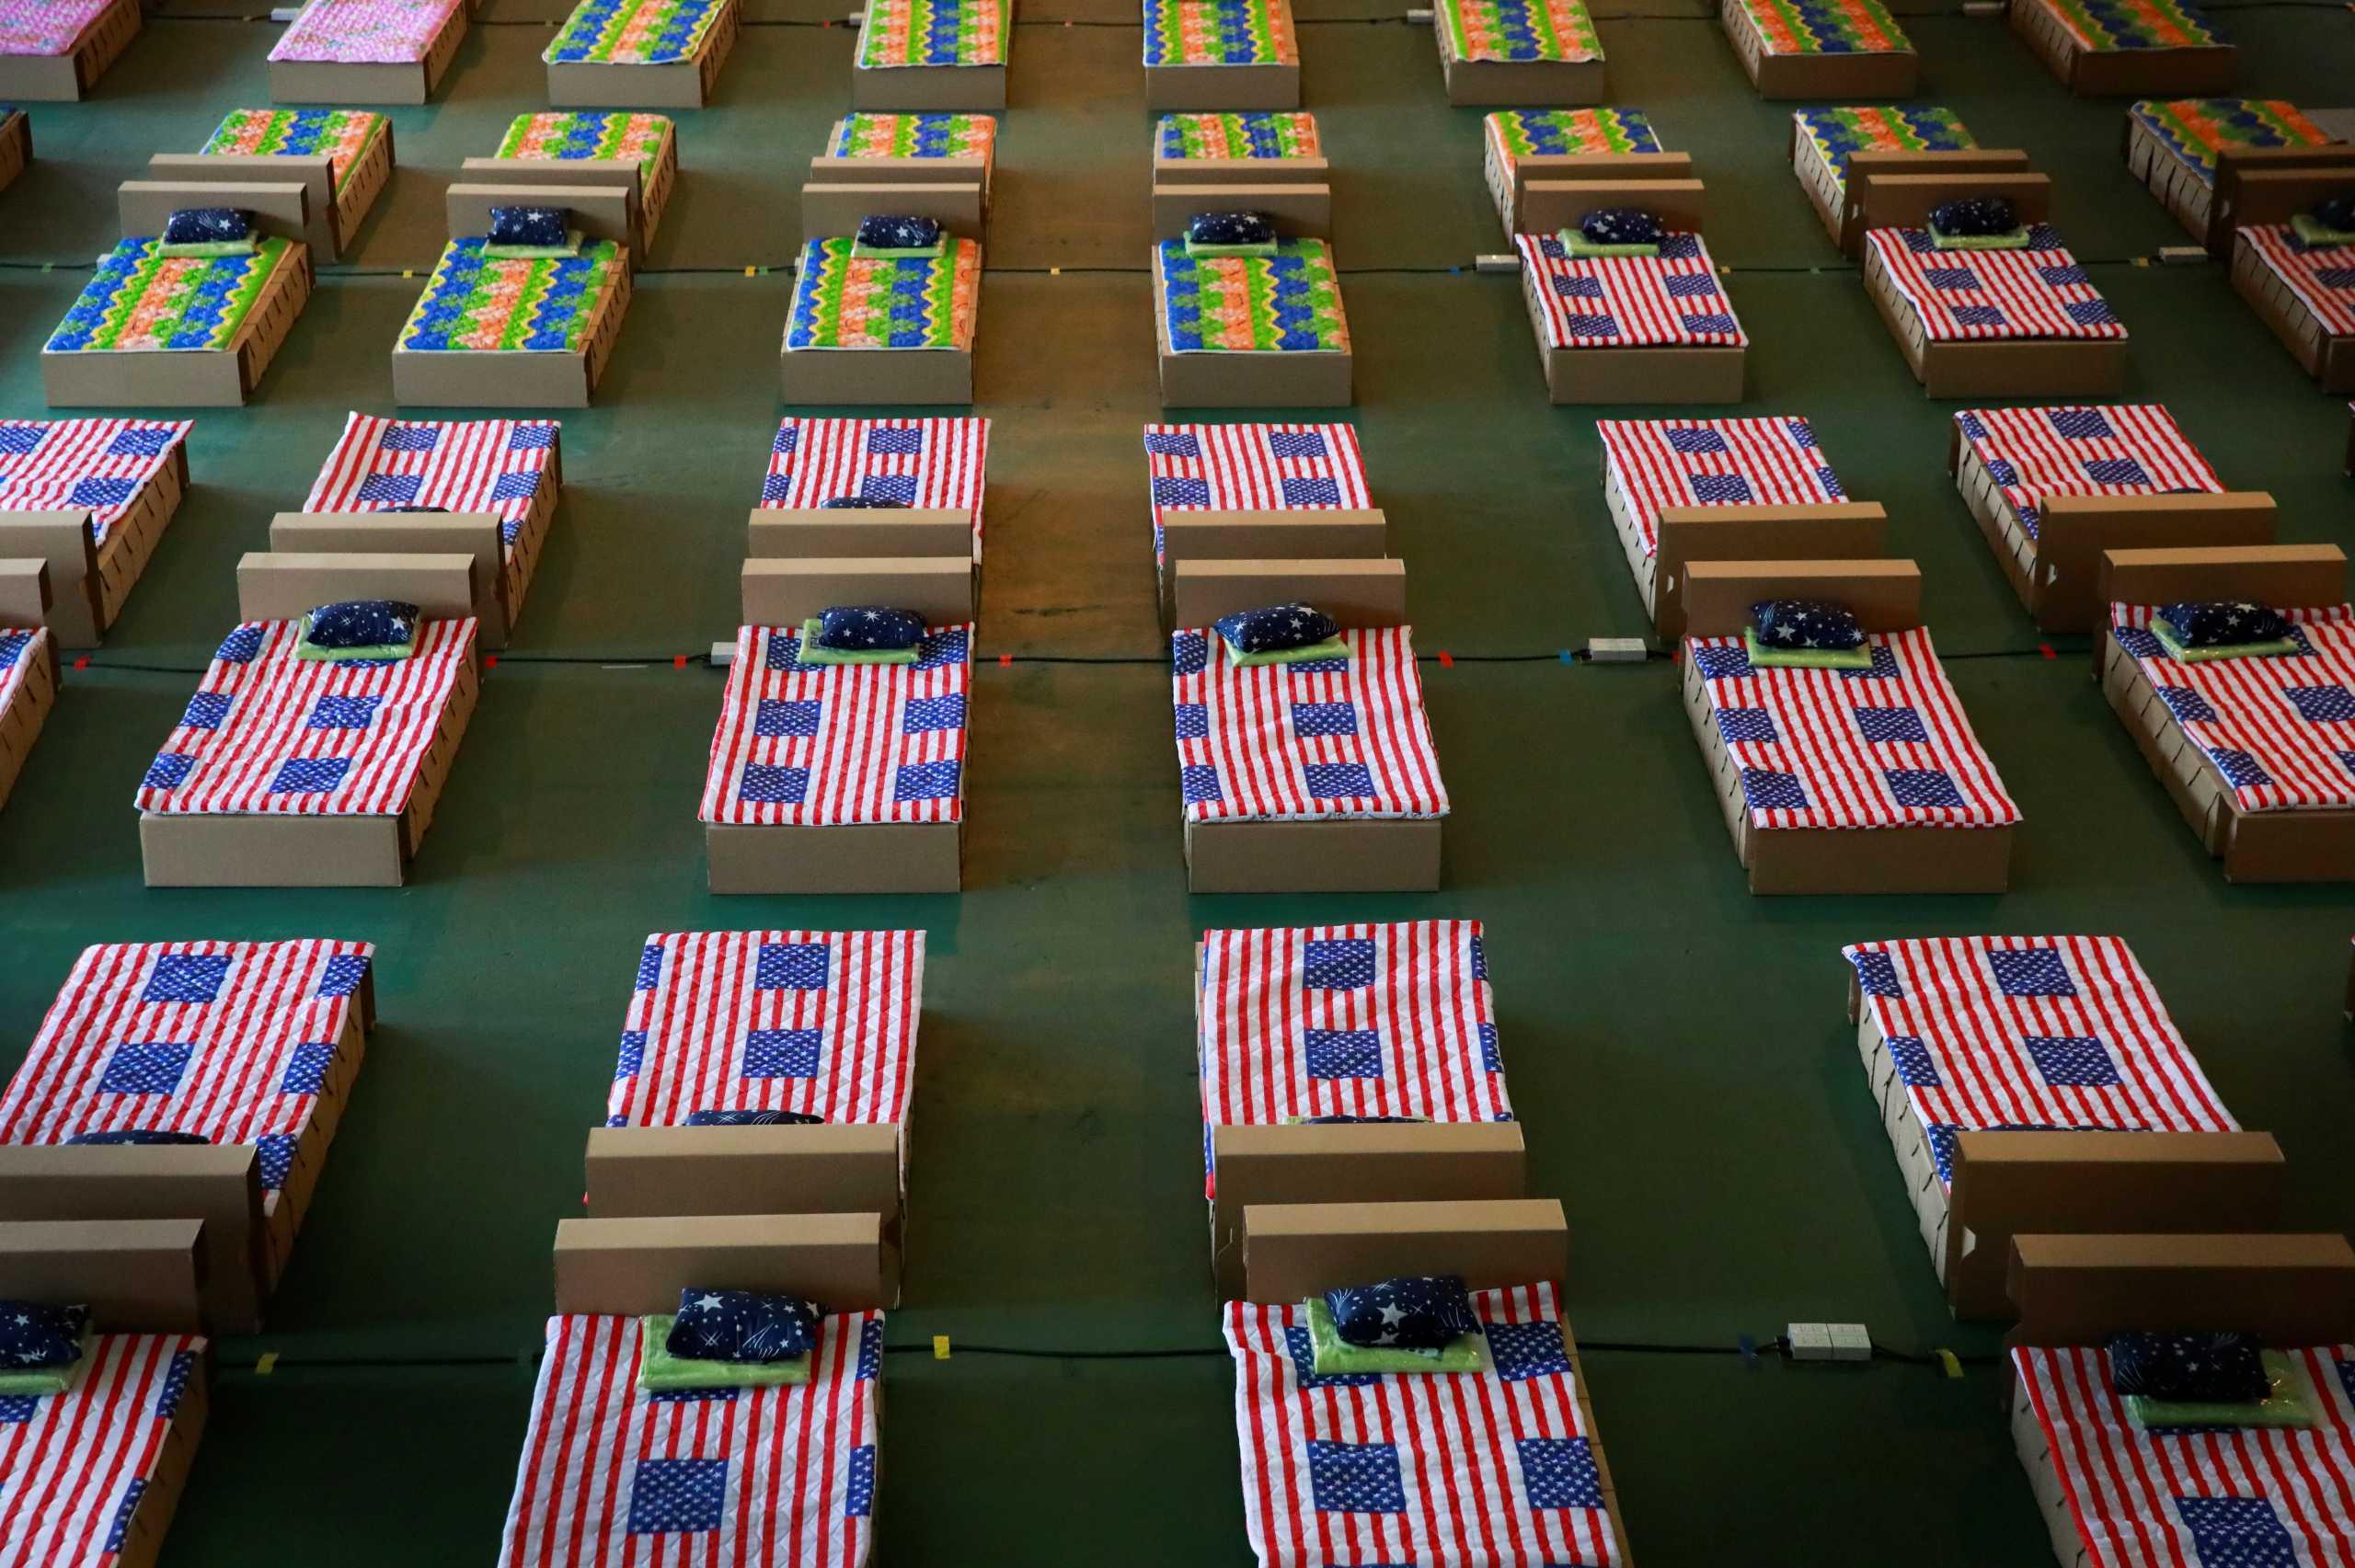 Καλπάζει ο κορονοϊός στην Ταϊλάνδη: Φτιάχνουν νοσοκομείο εκστρατείας στο αεροδρόμιο της Μπανγκόκ